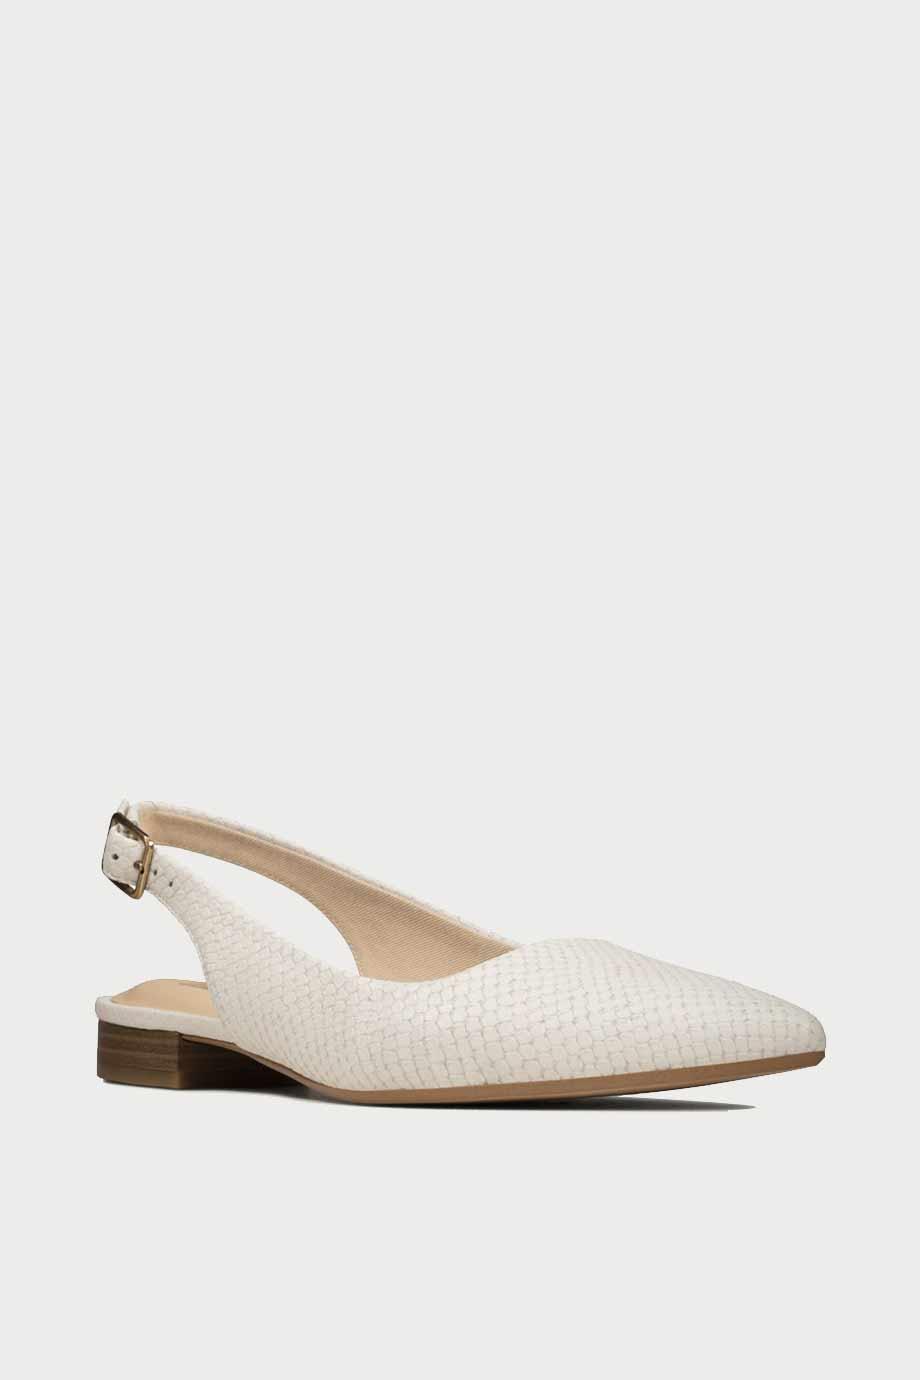 spiridoula metheniti shoes xalkida p Laina 15 Sling clarks white snake 2 1